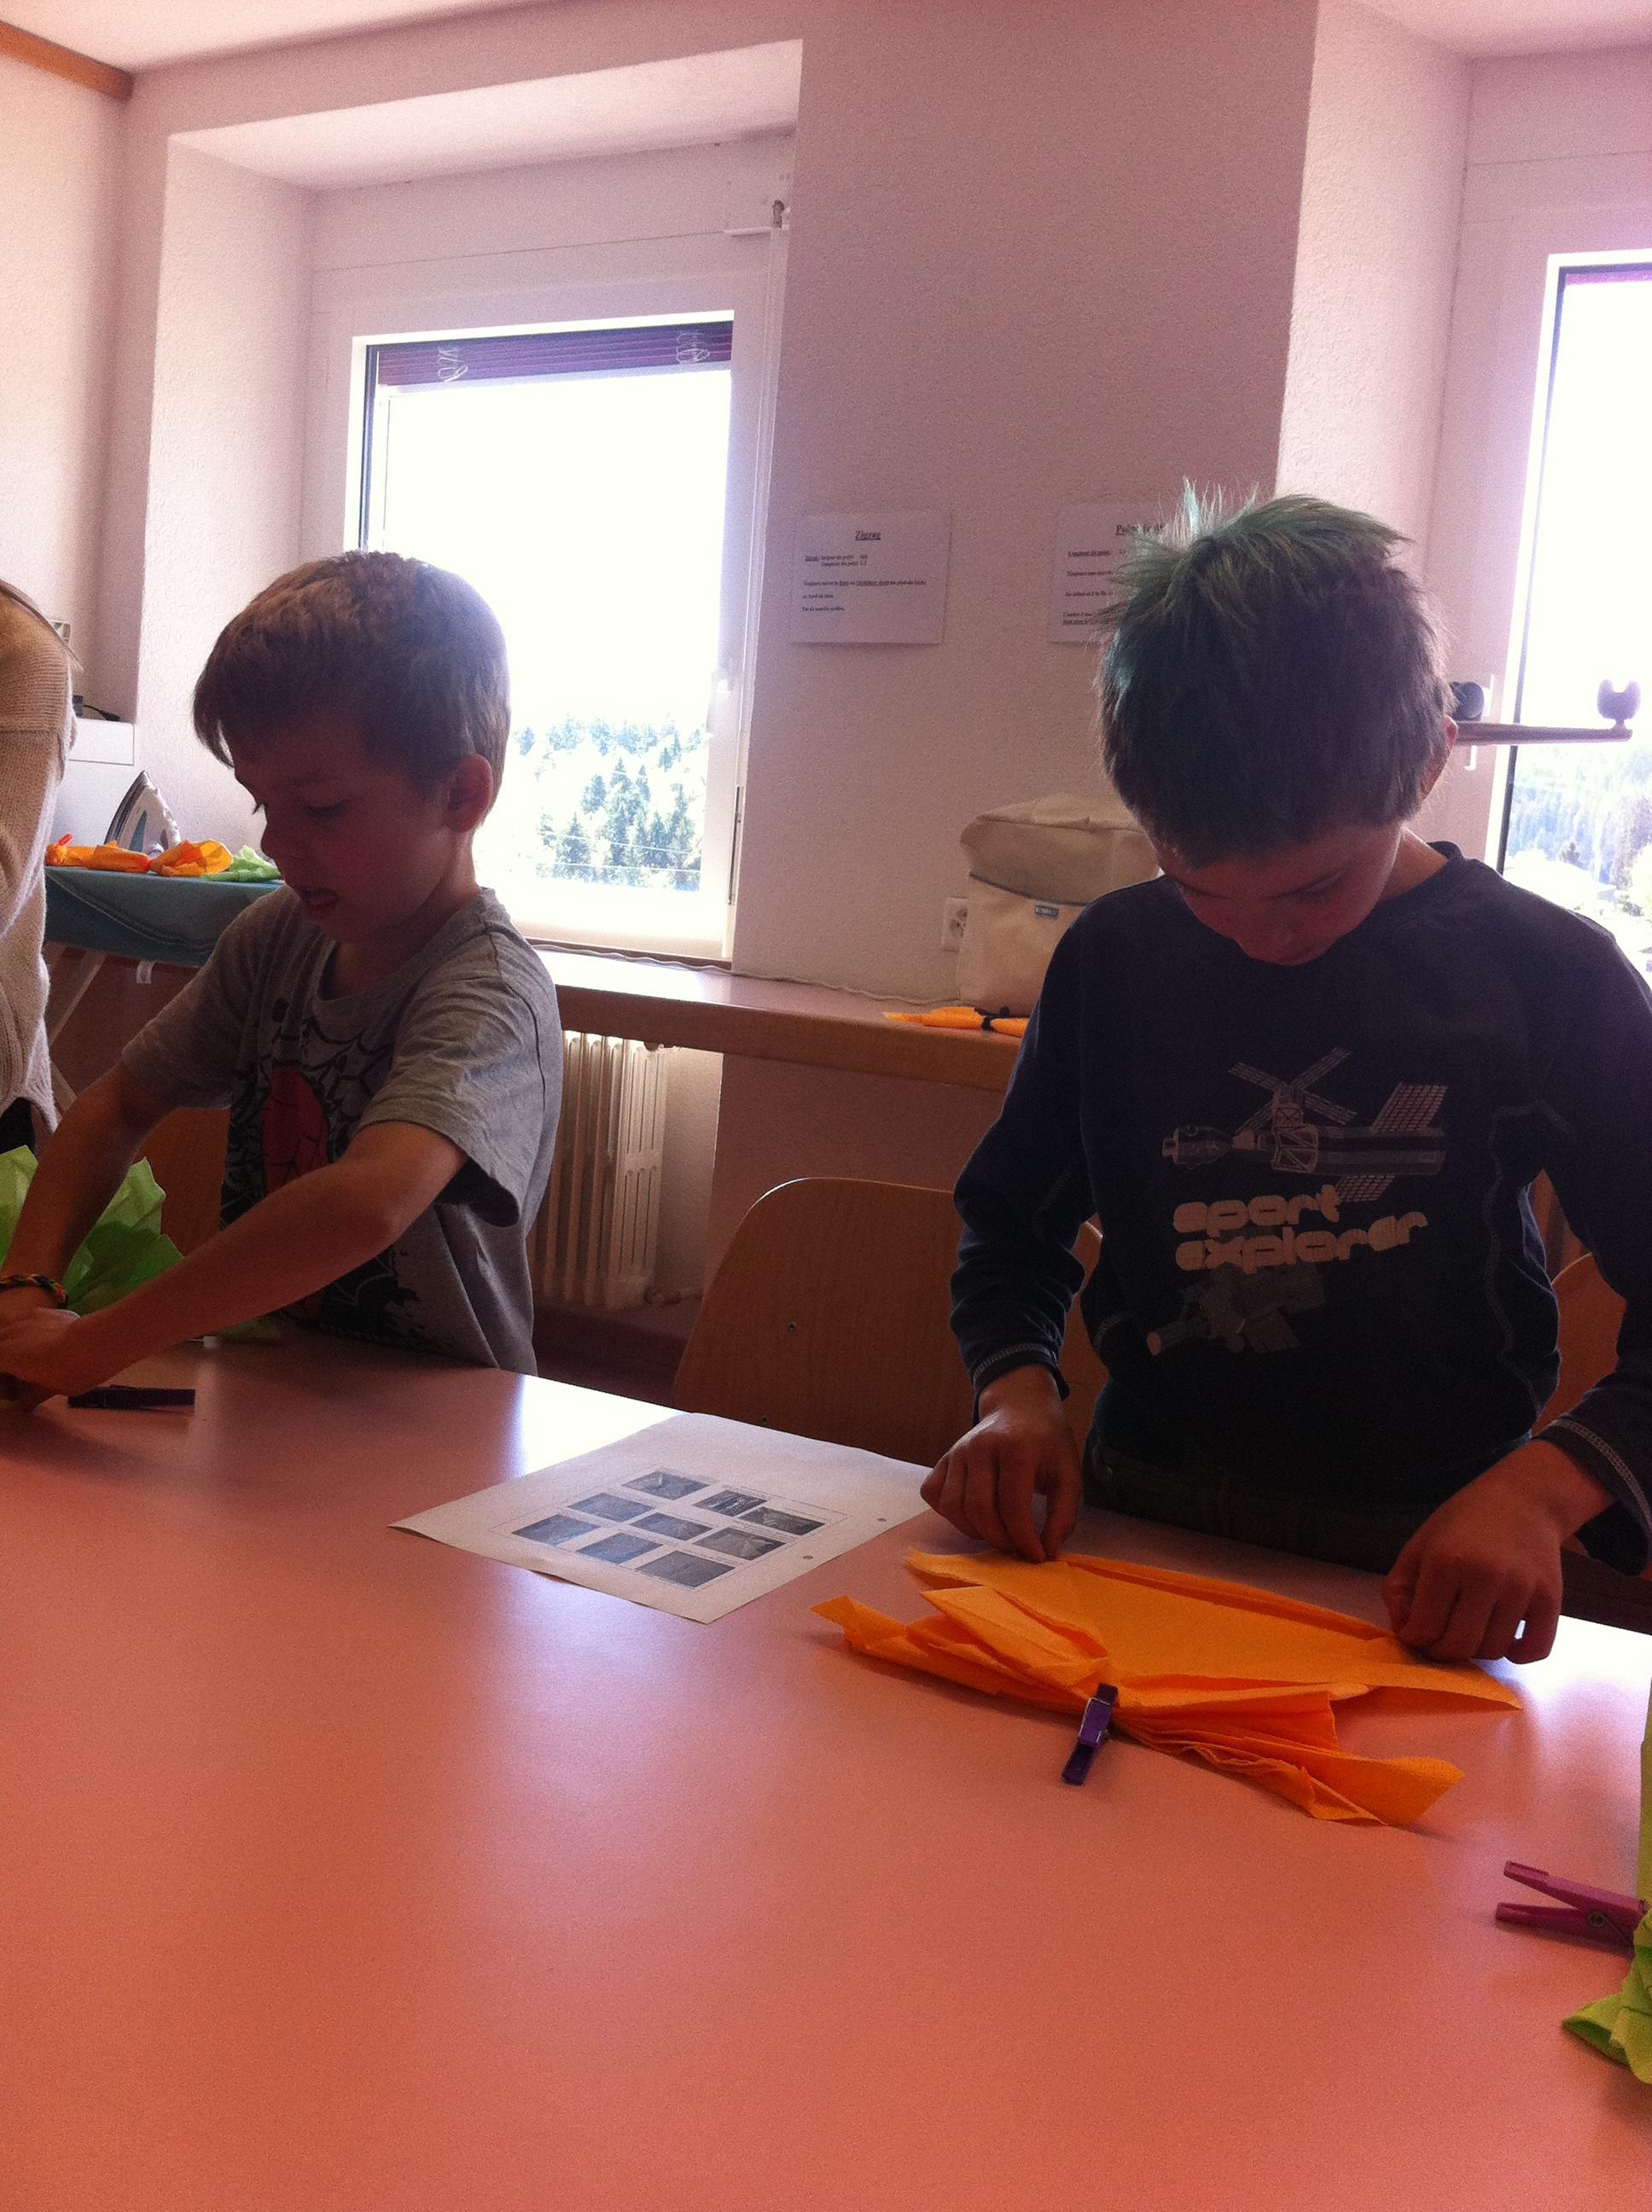 Ecole primaire les genevez d corations printani res for Decoration fenetre ecole